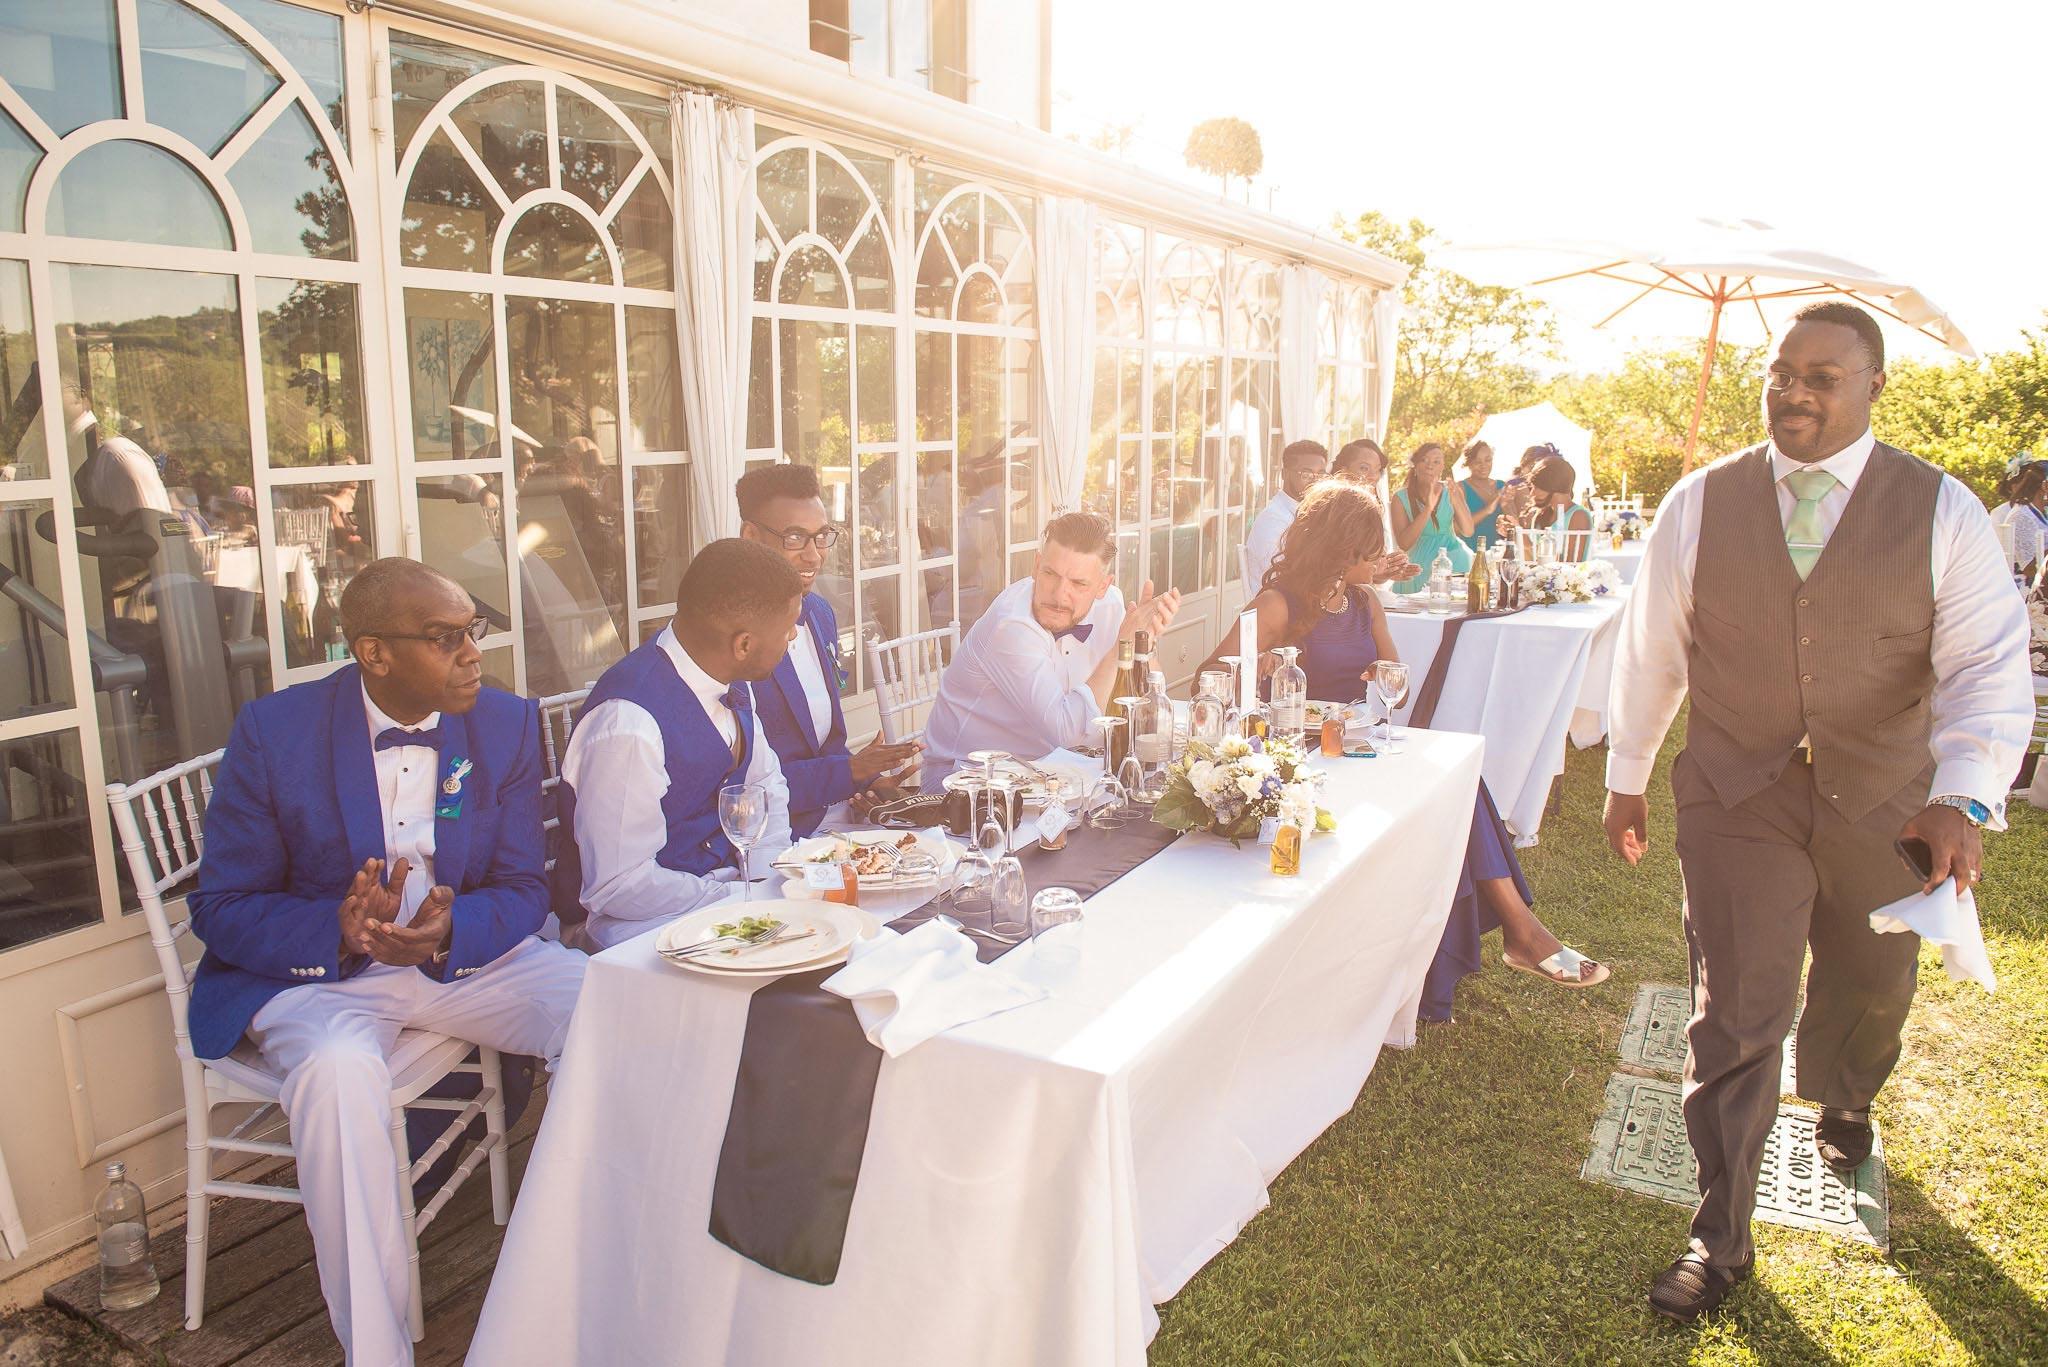 Matrimonio Nel Monferrato Dionne Dale - Wdding Matrimono Emanuele Tibaldi Fotografo 31 - Wedding_Matrimono-Emanuele-Tibaldi-Fotografo - Wedding_Matrimono-Emanuele-Tibaldi-Fotografo